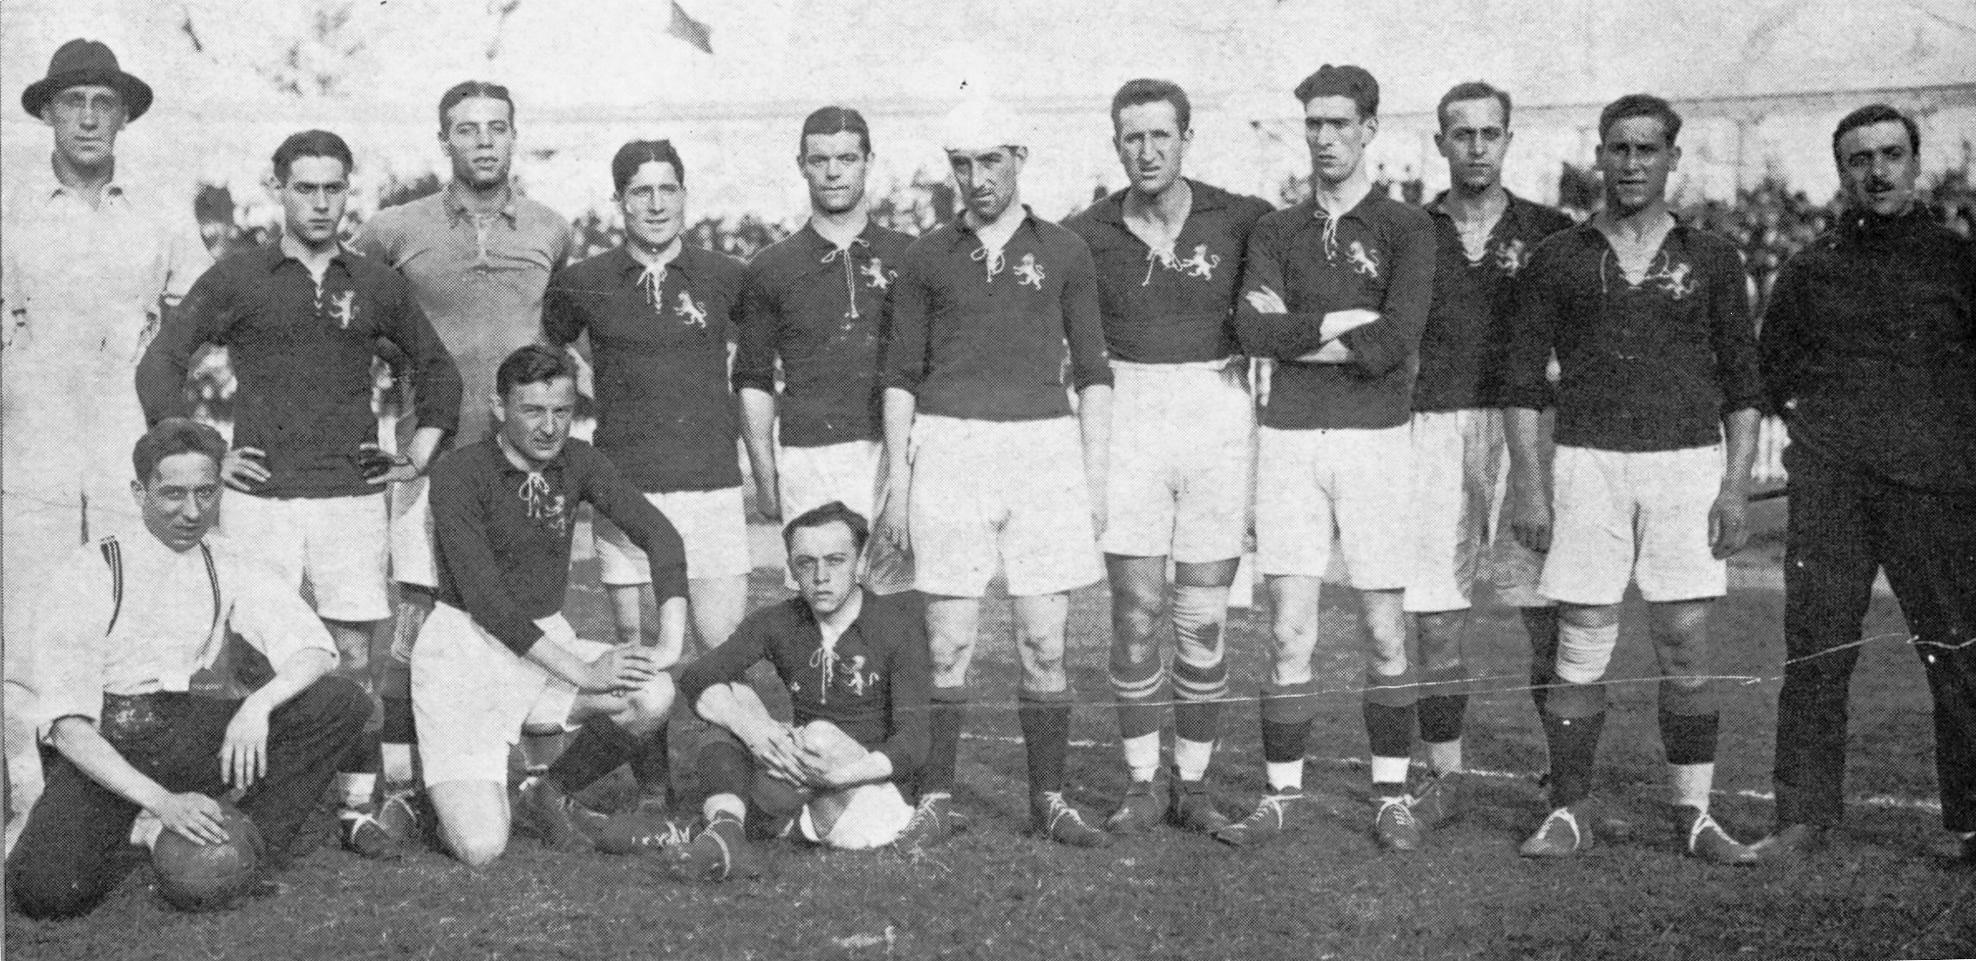 Selección española en 1920 (WIKIPEDIA).